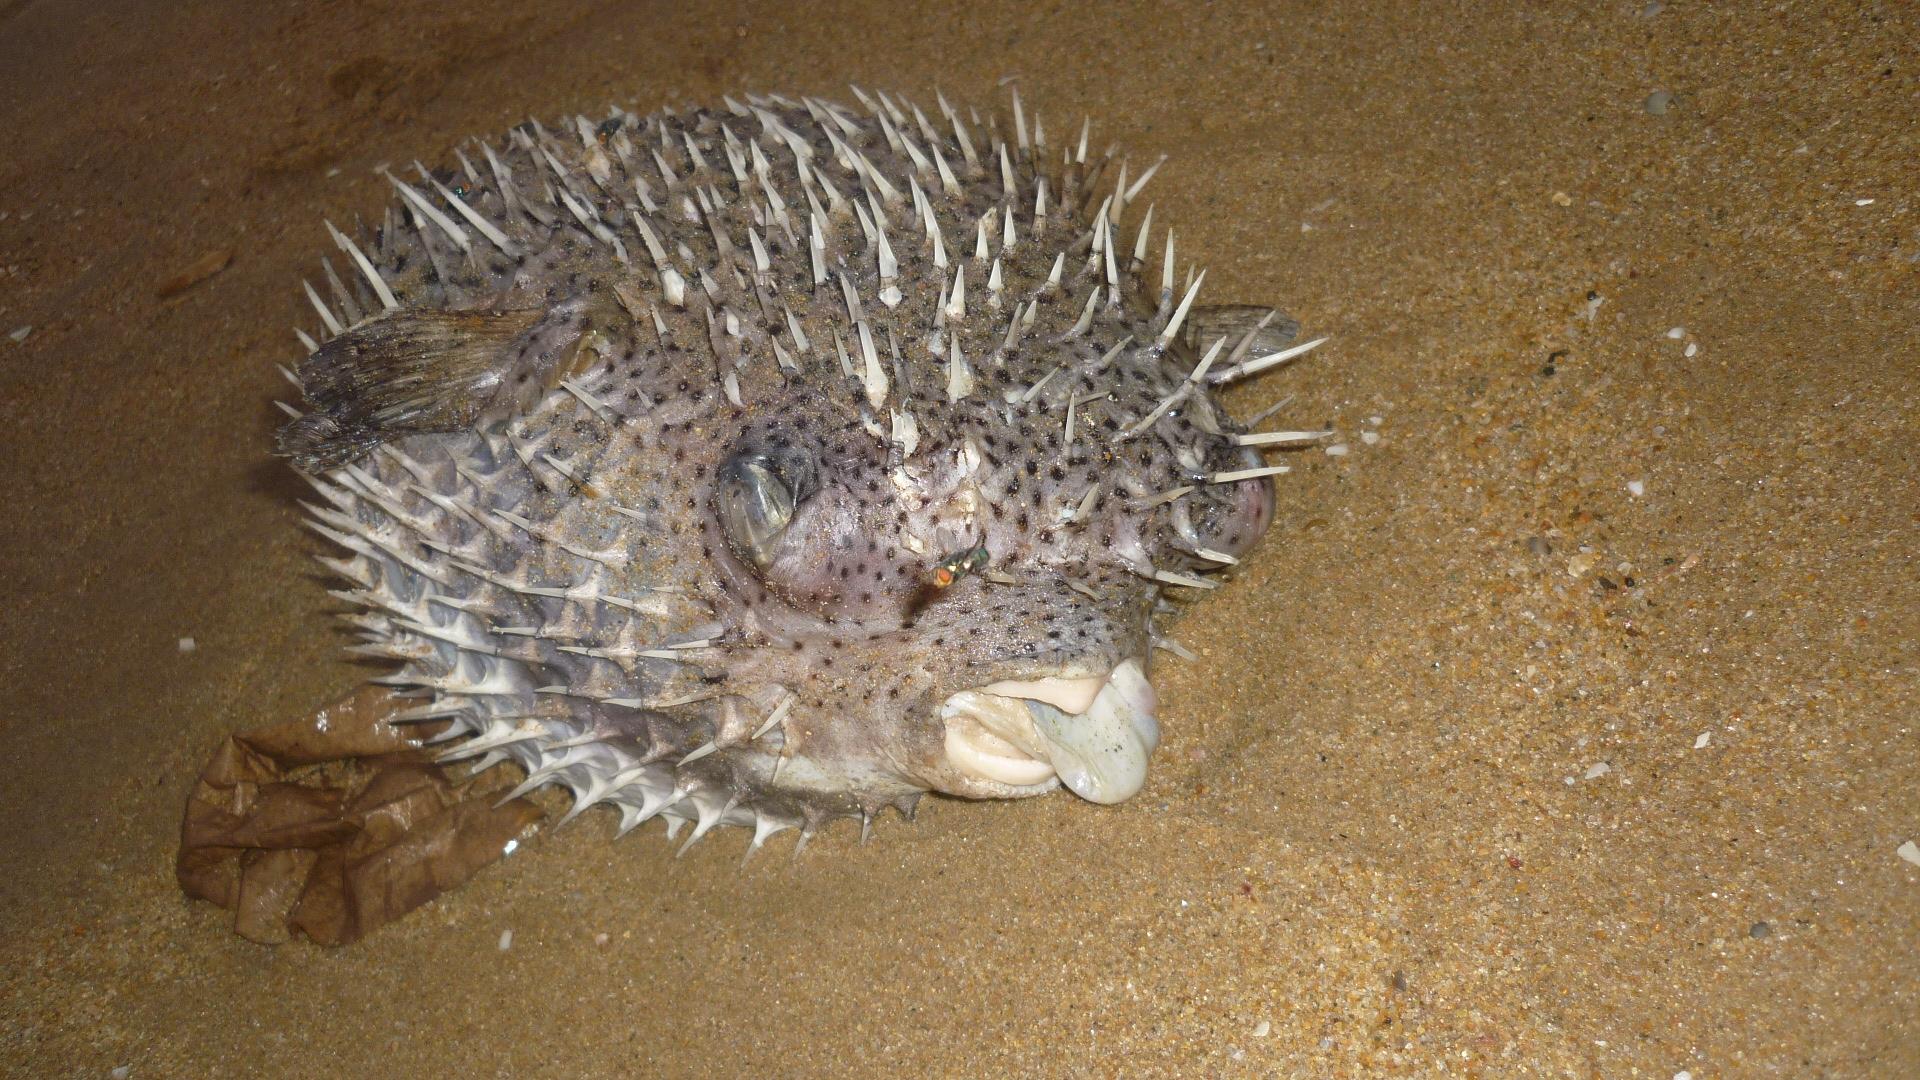 A dead pufferfish along the beach